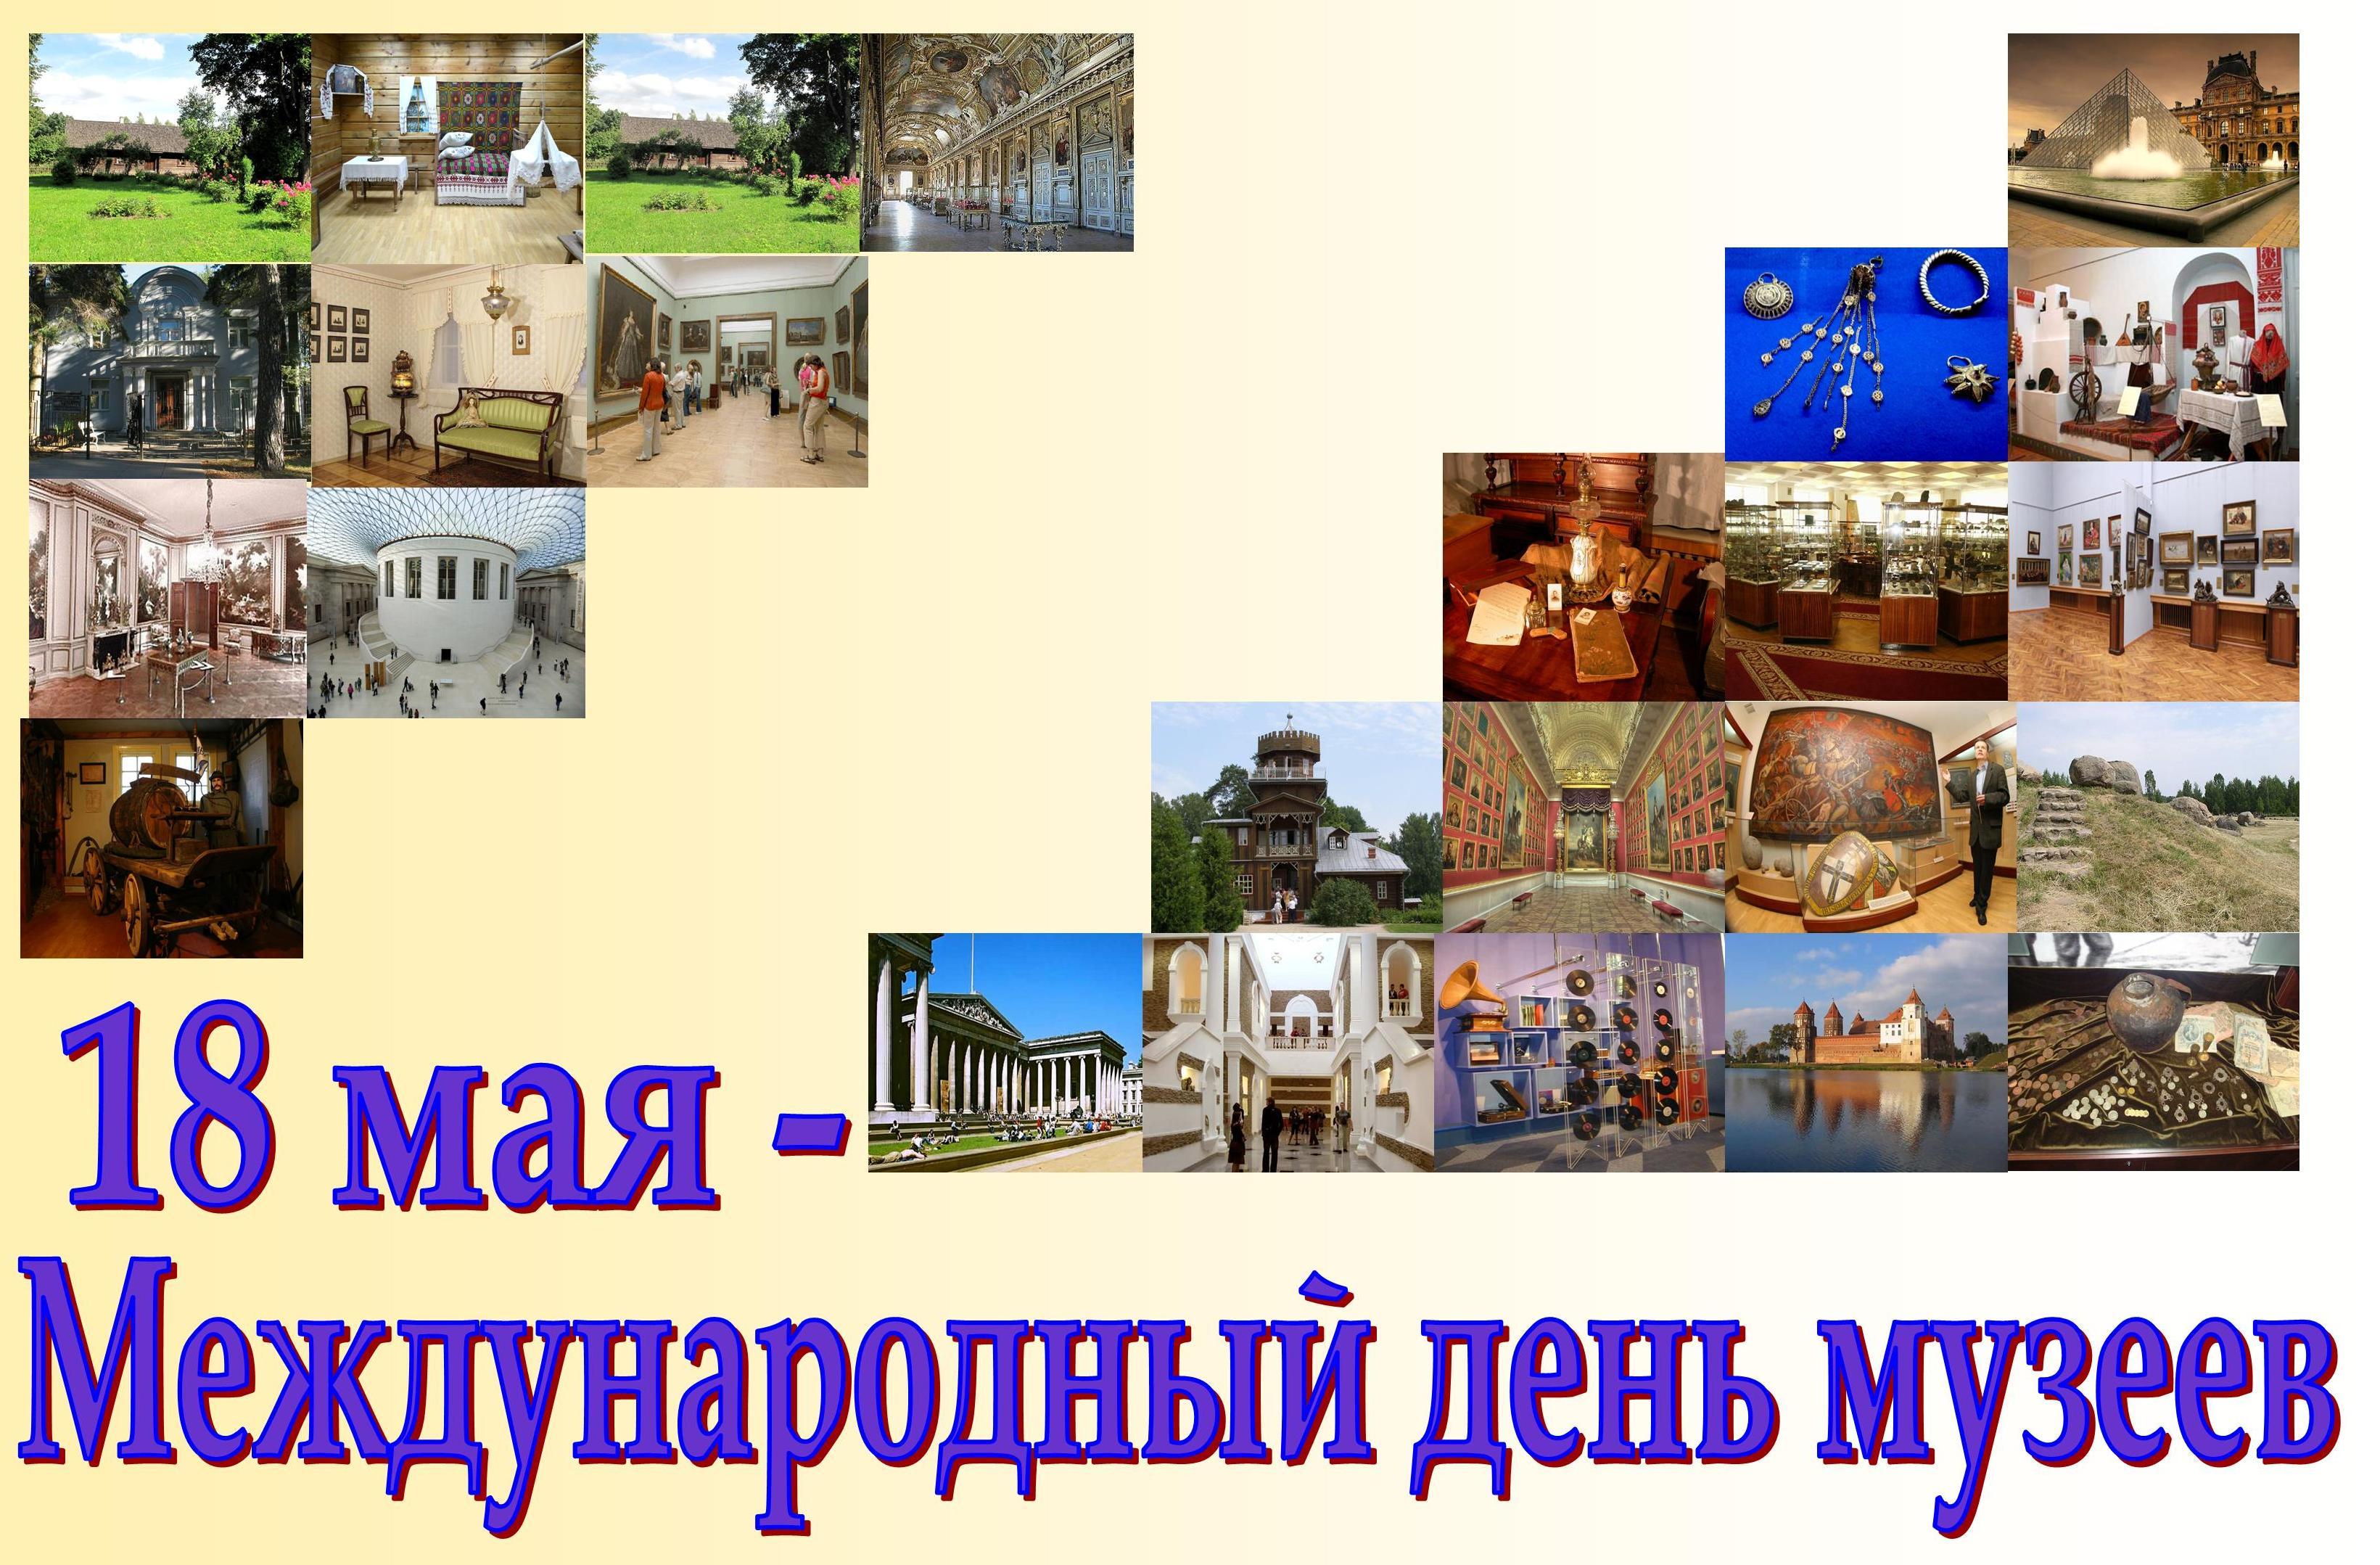 Международный день музеев - ОМСУ Репьевского муниципального района